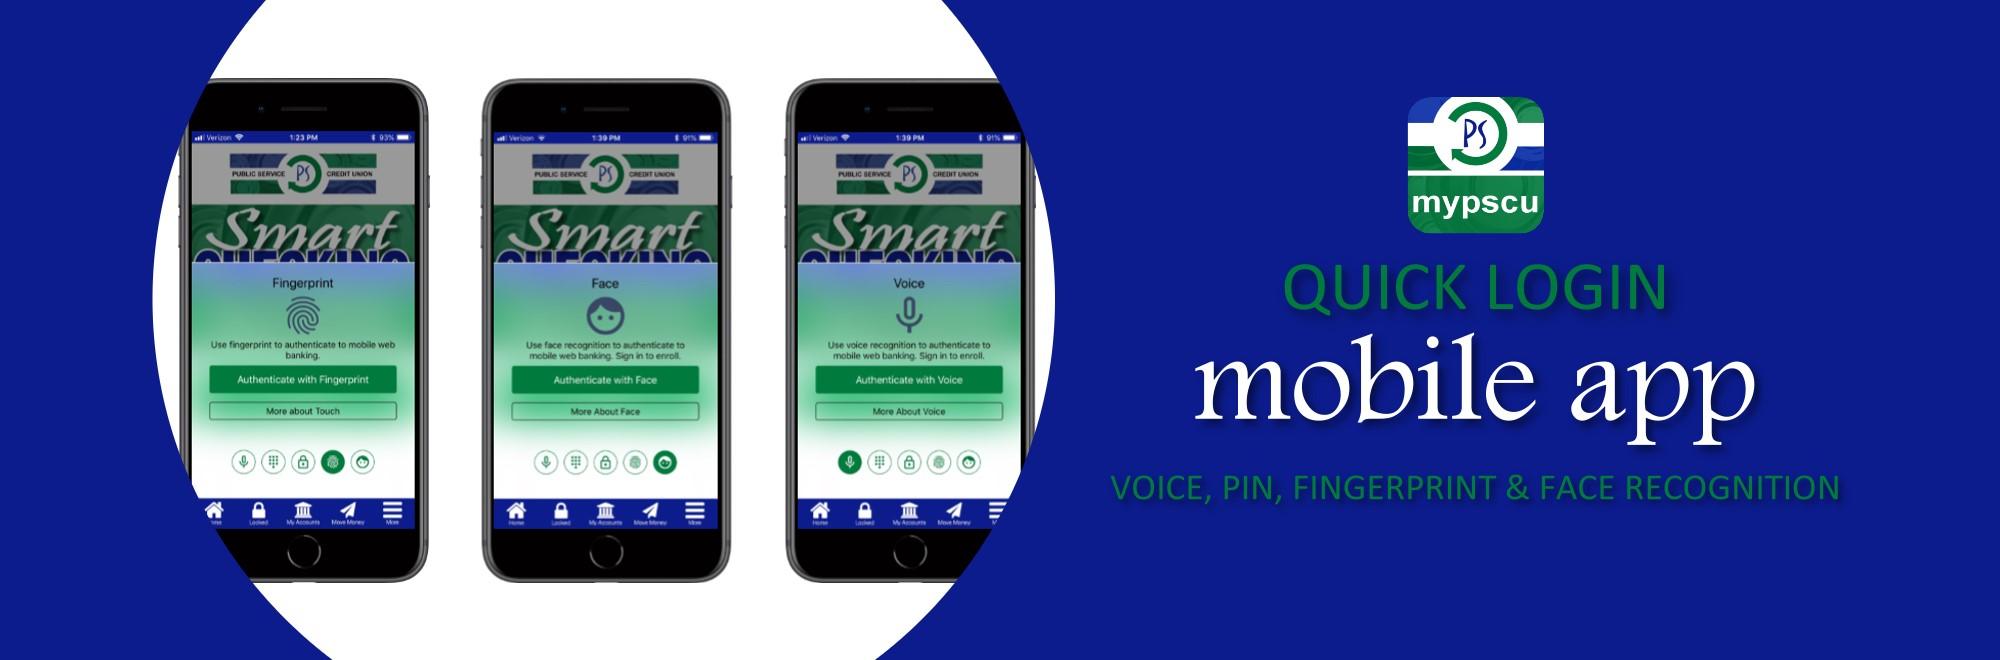 mobile app quick login